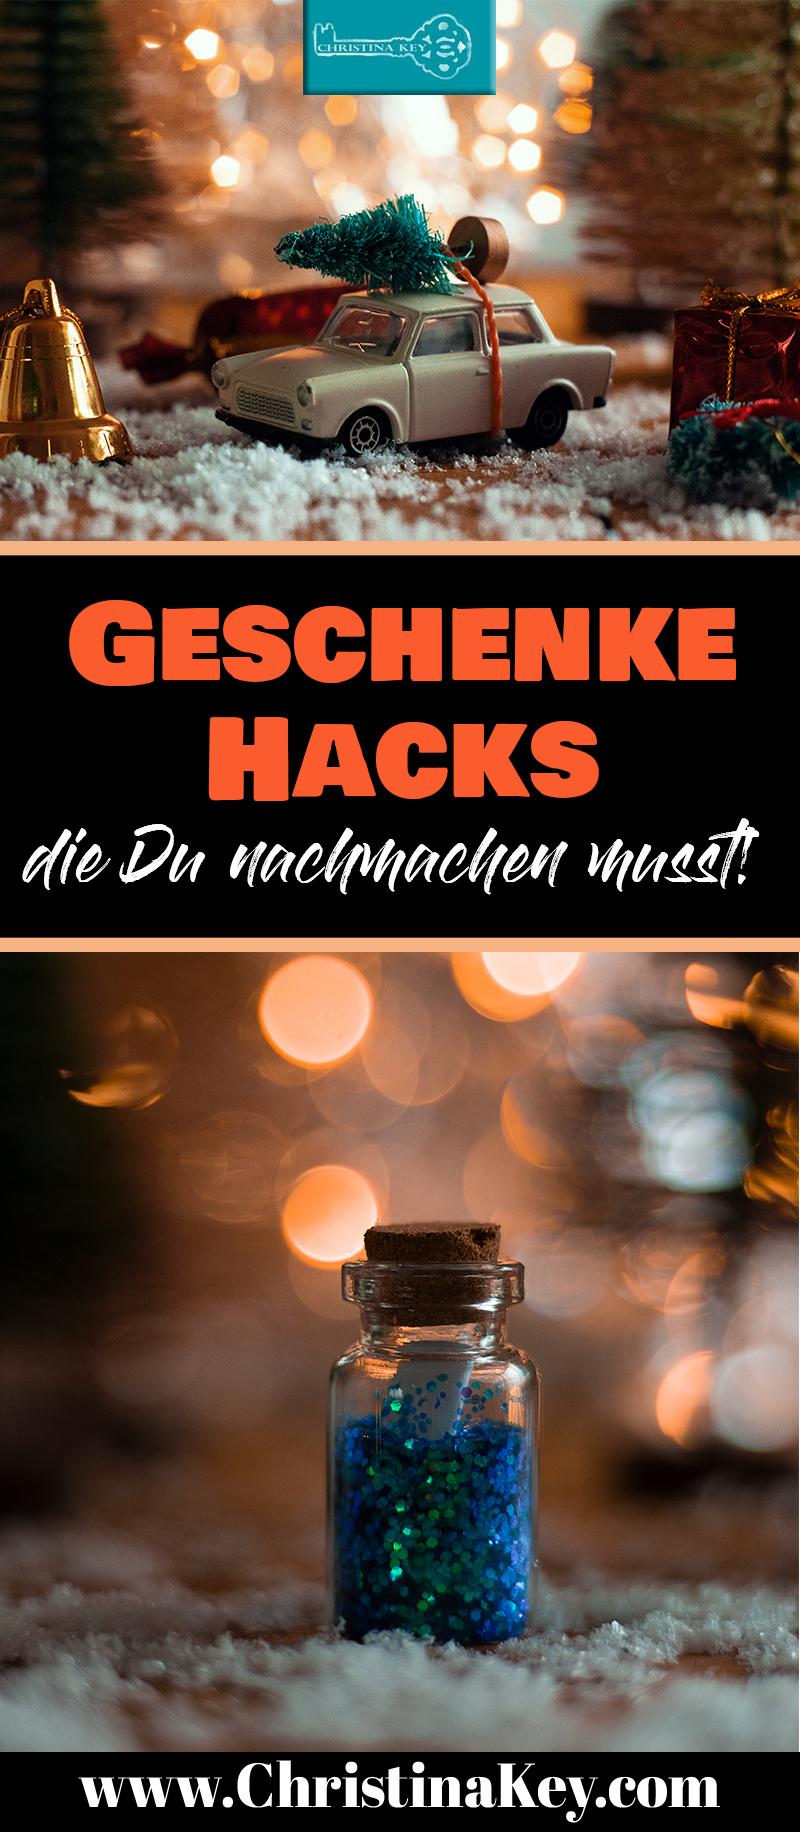 Geschenke Hacks Tipps